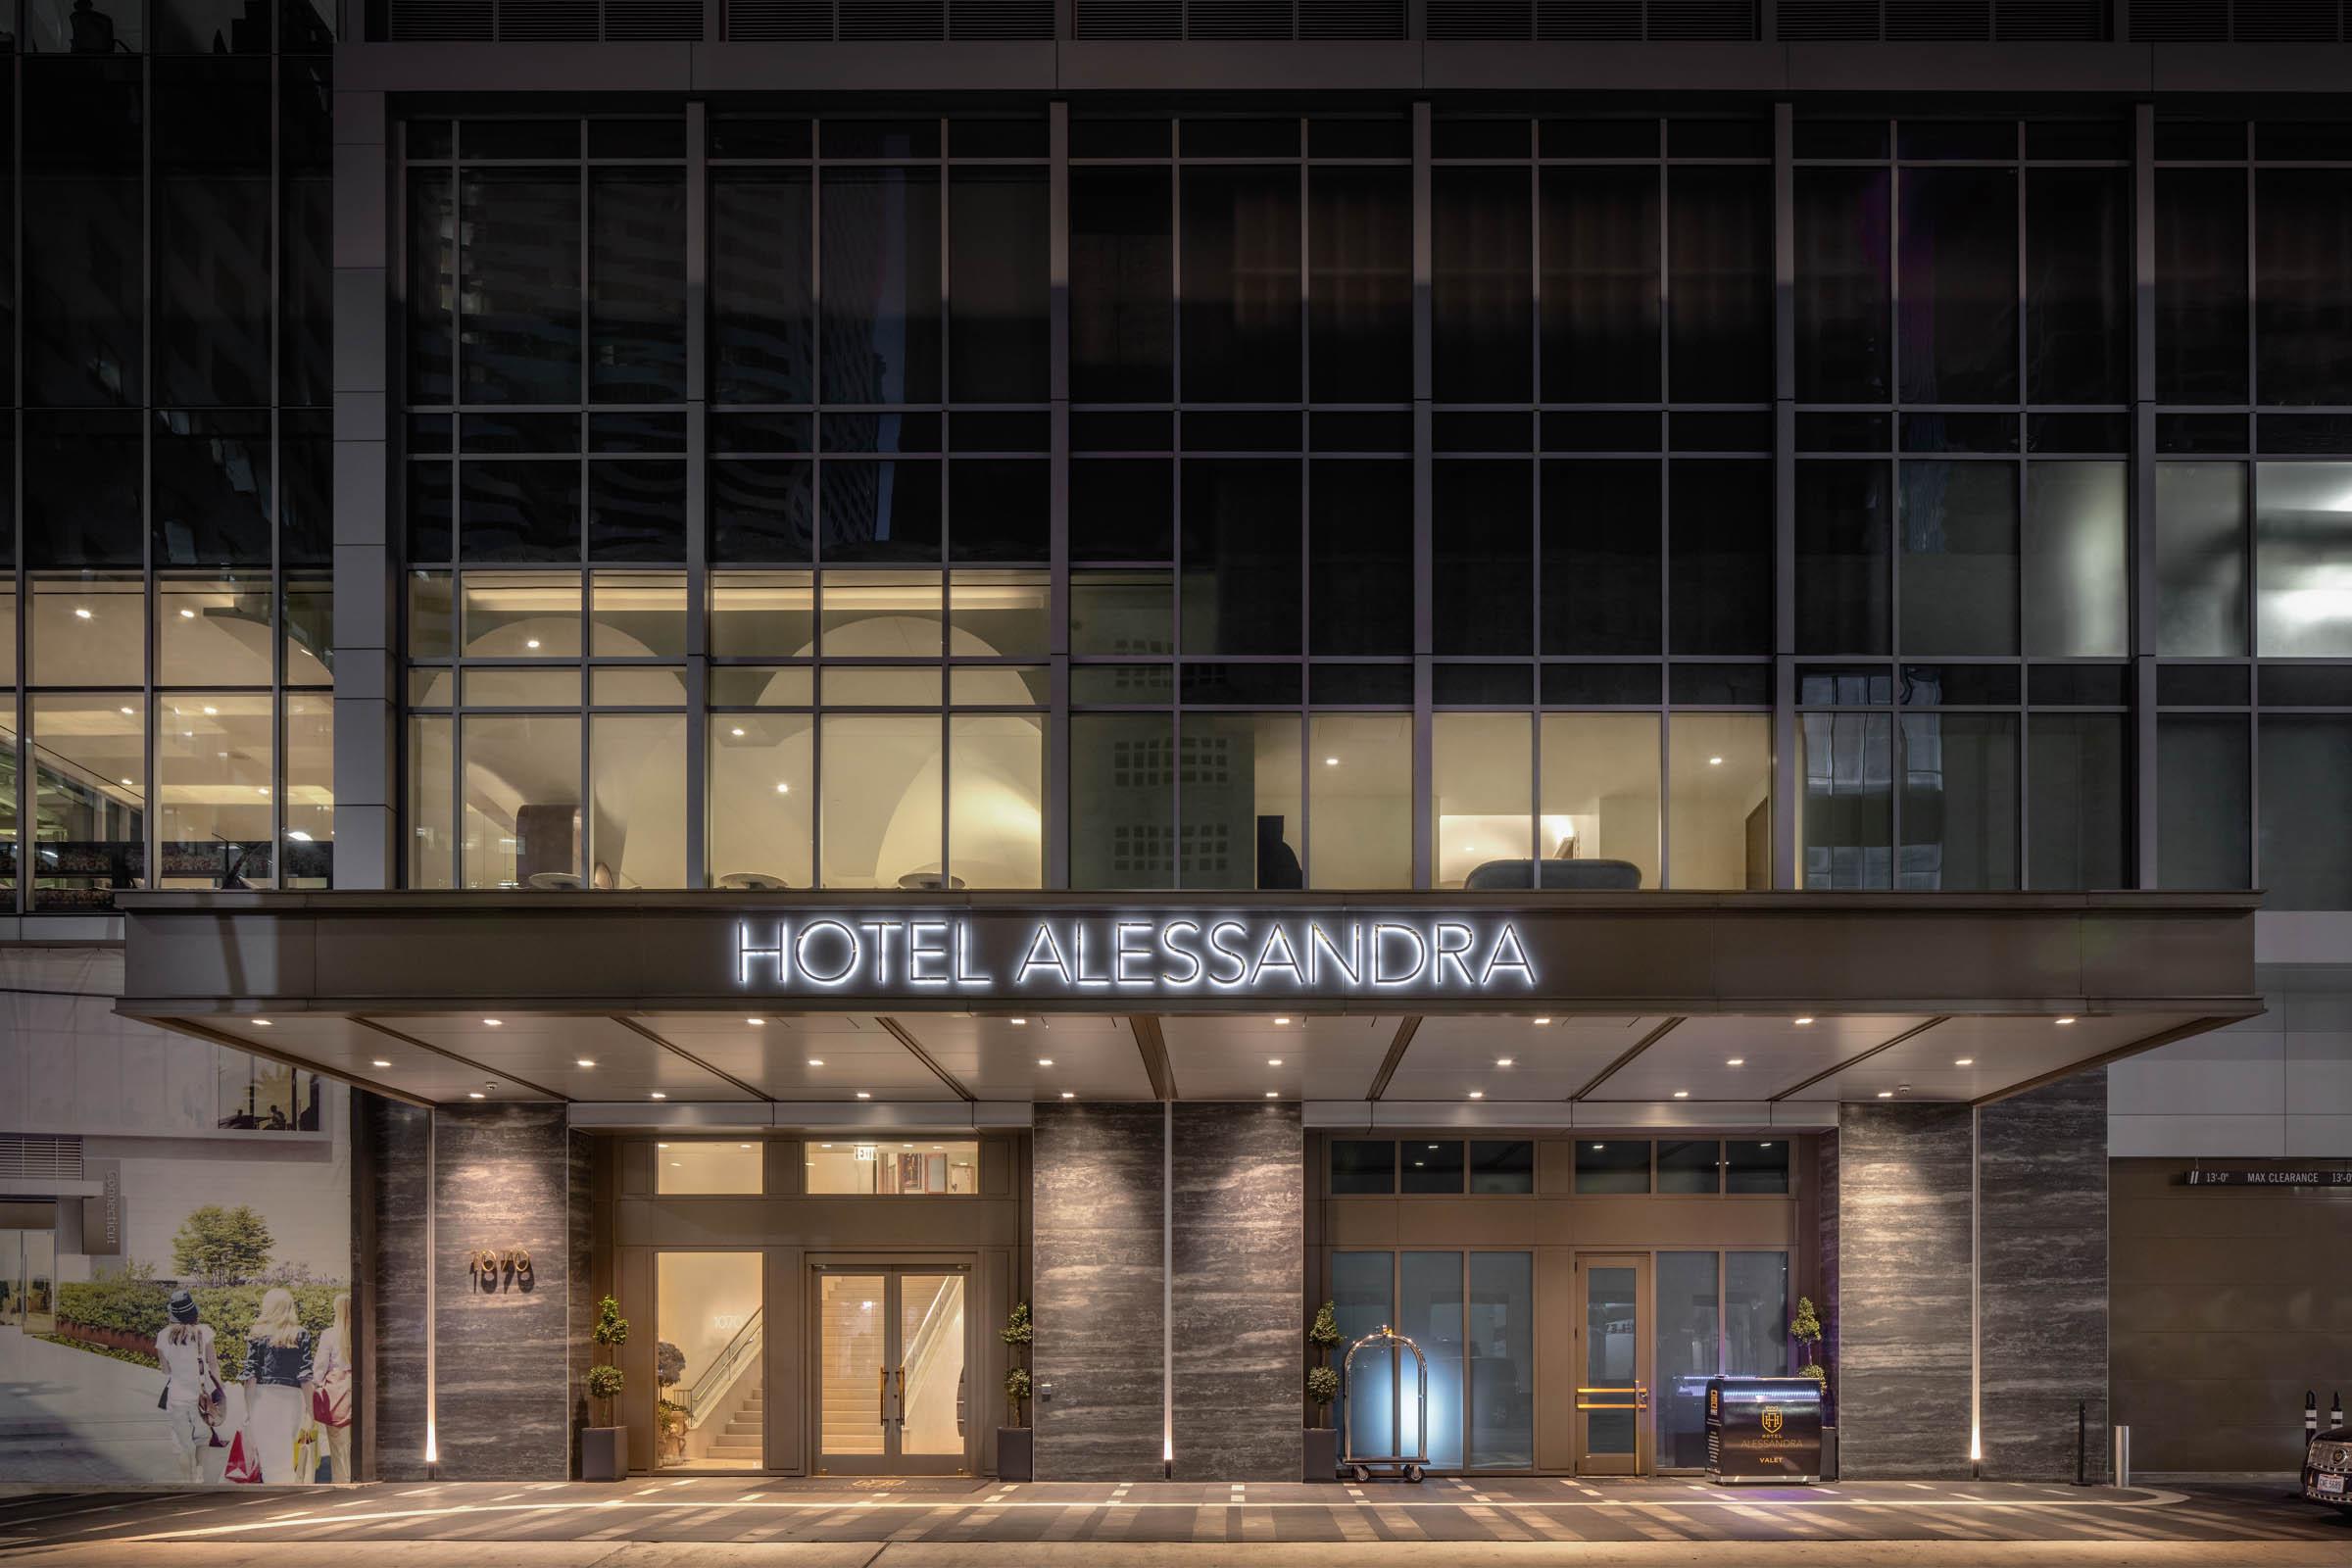 Hotel Alessandra_main